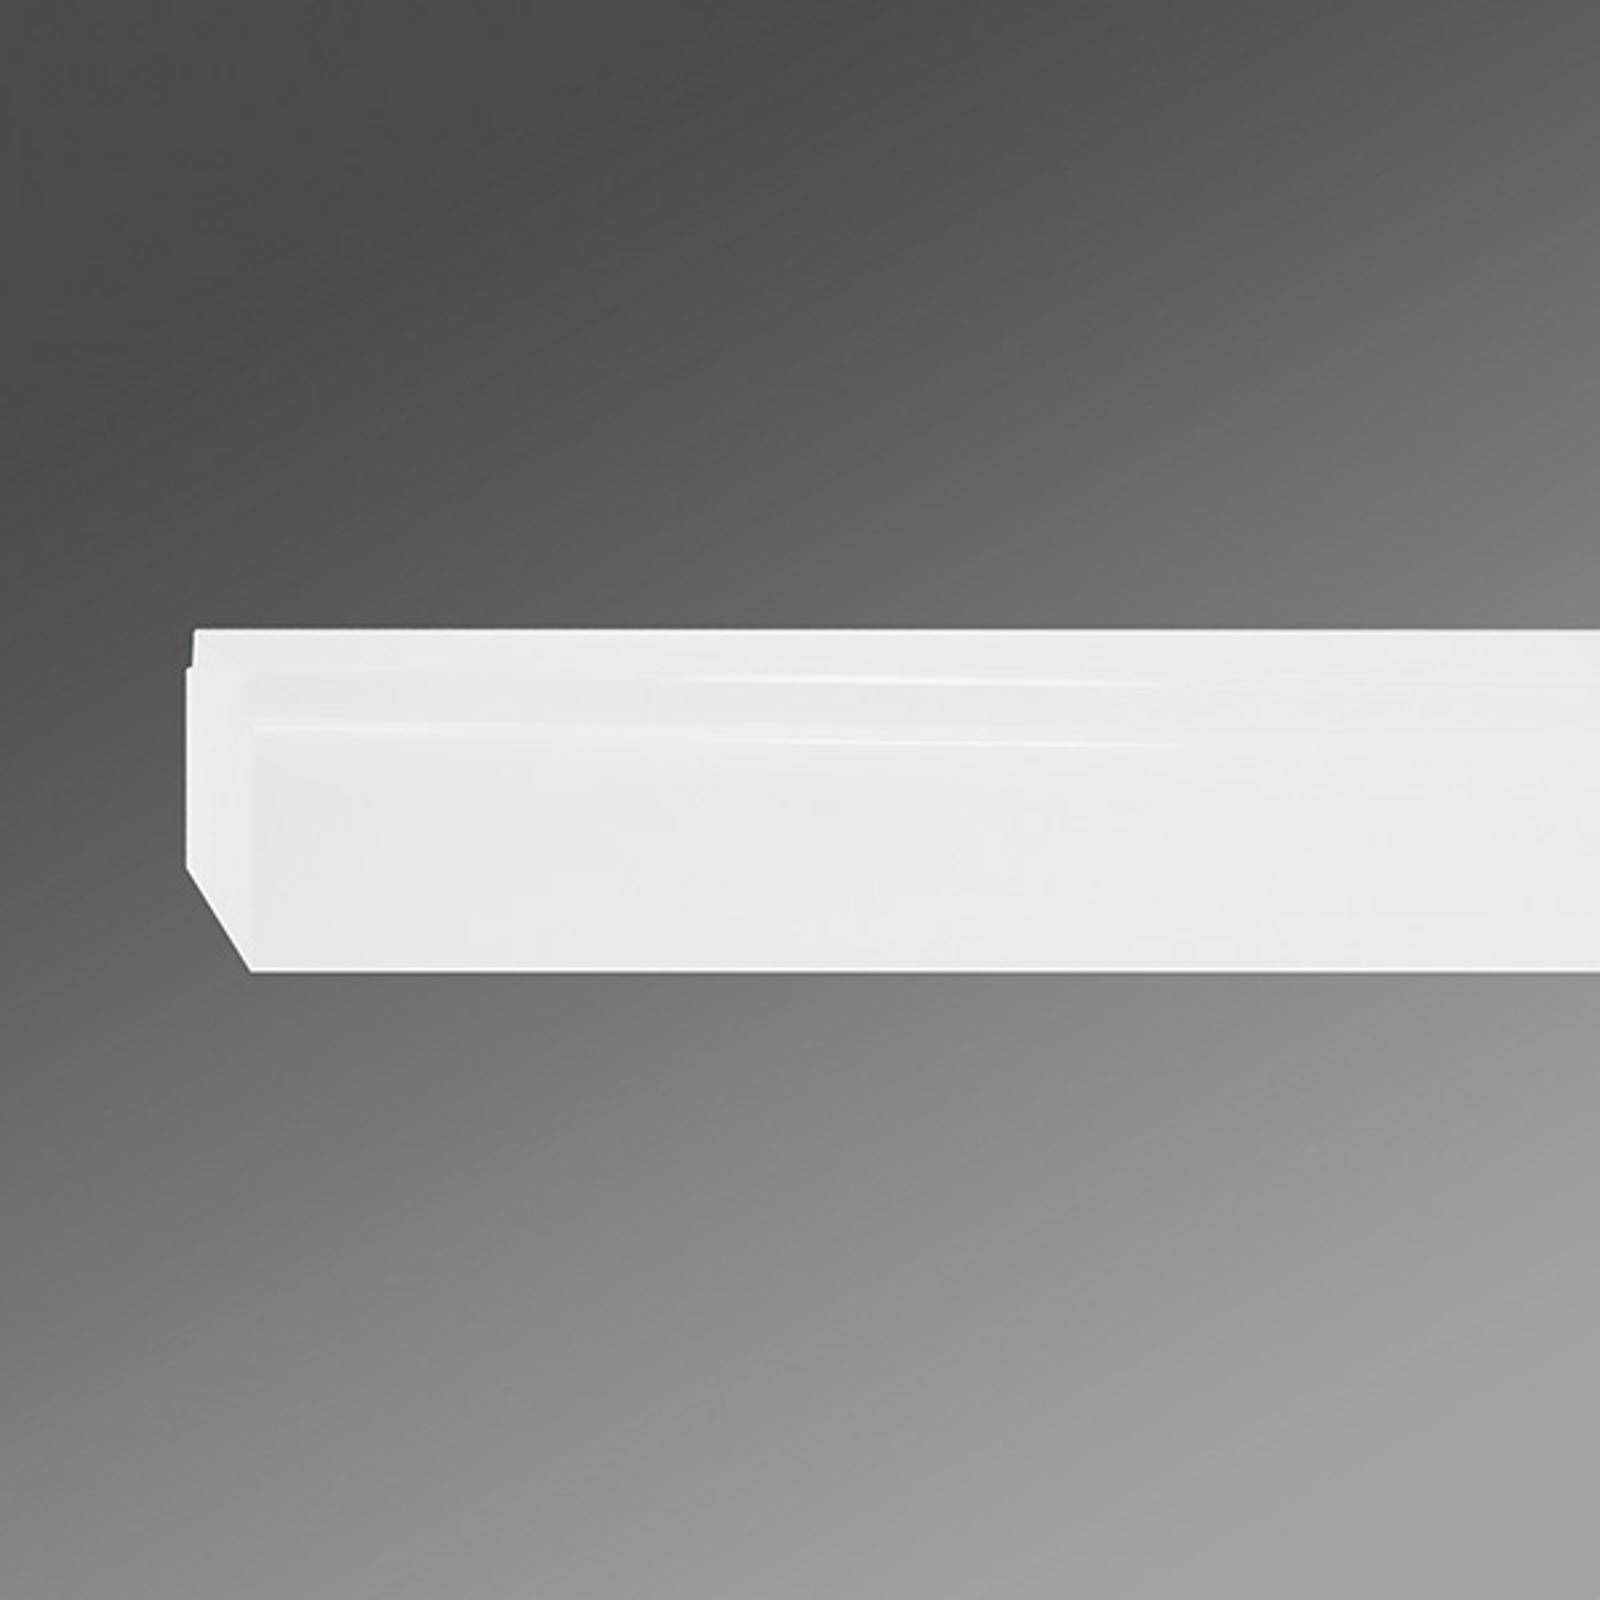 Diffusor opal - LED-Deckenlampe Wotek-WKO/1200 ww